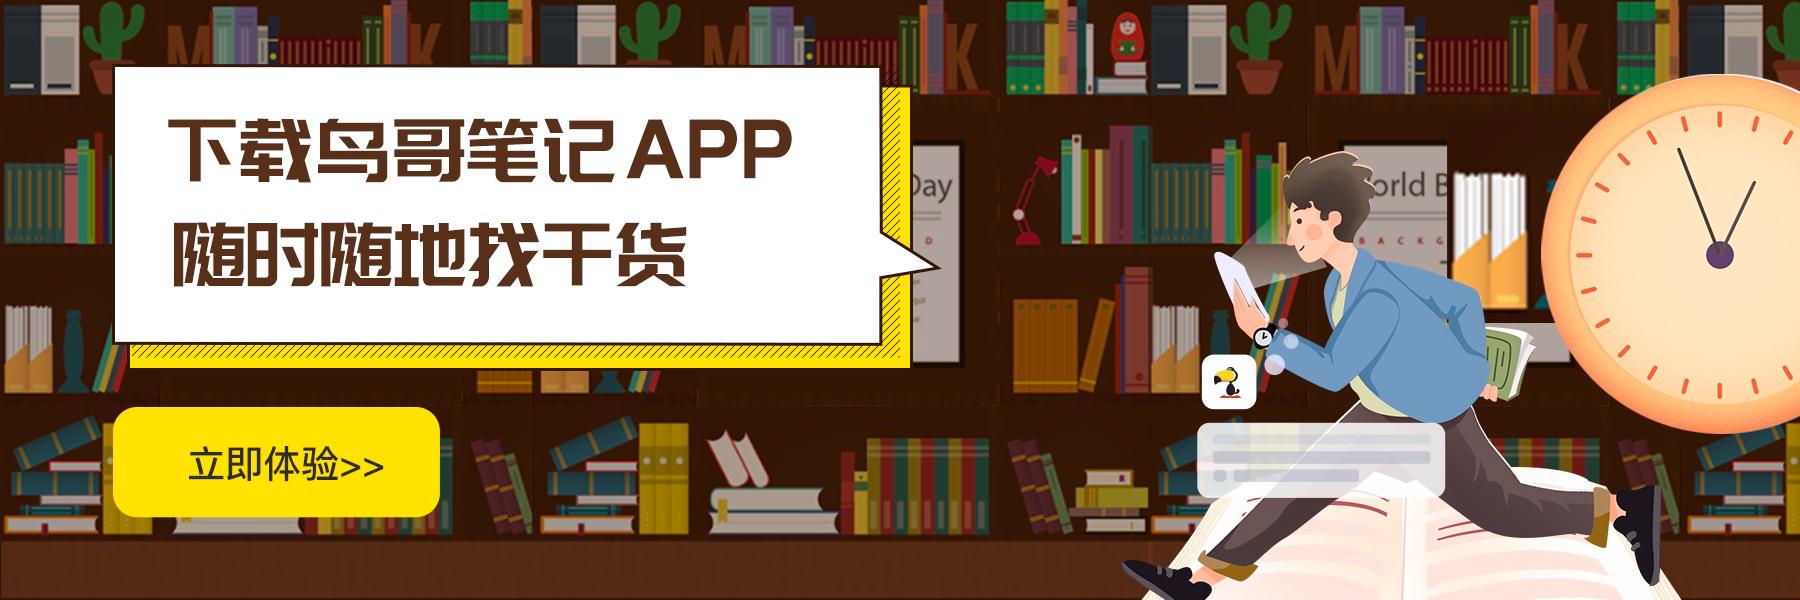 鸟哥笔记,行业动态,App Growing,广告,快手,新零售